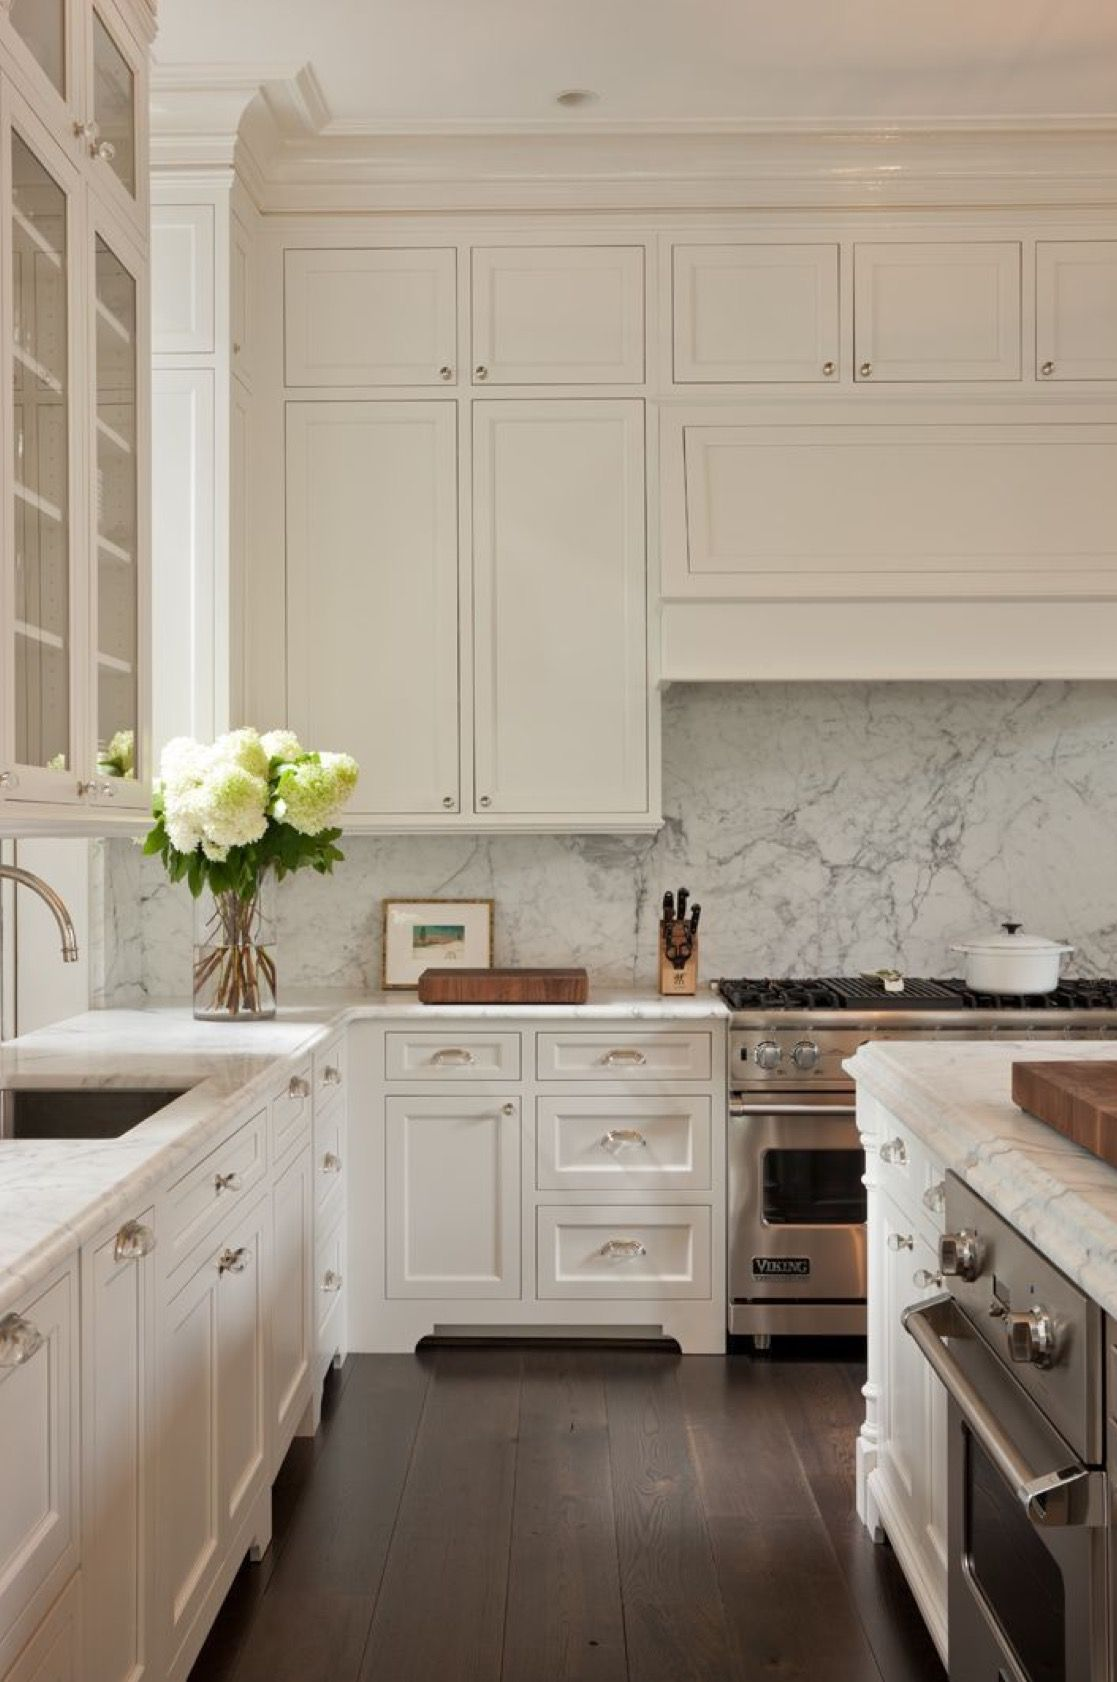 Küchenschränke für kleine küchen pin von andra auf home  pinterest  küche esszimmer design und